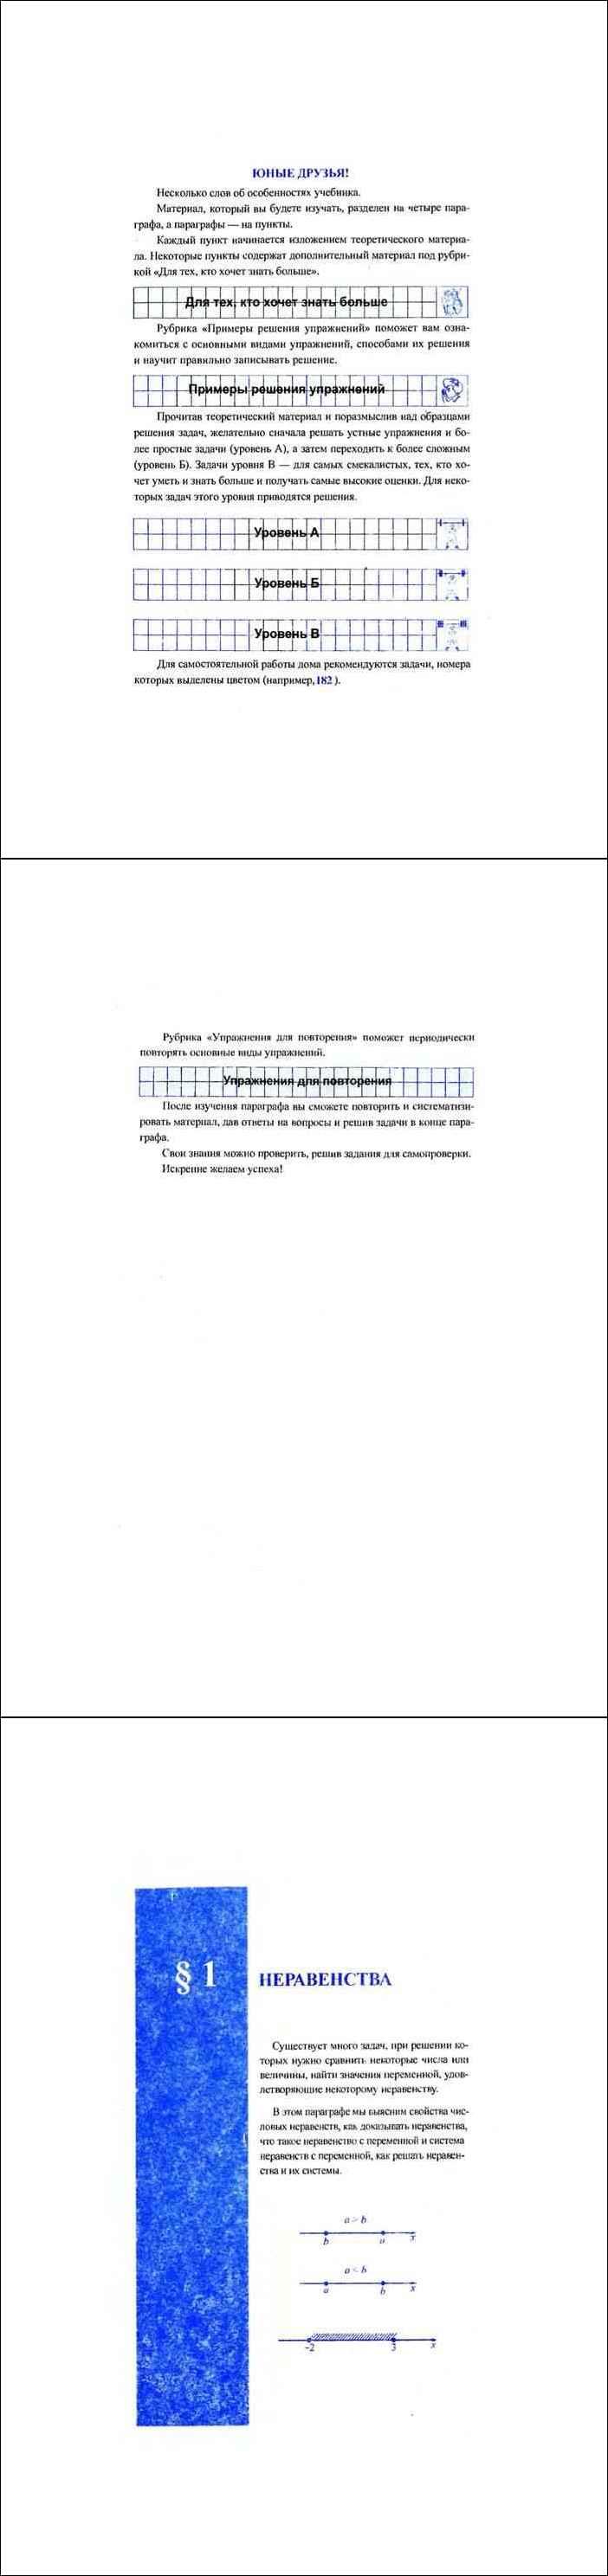 Янченко алгебра 8 класс пидручна кравчук решения 8